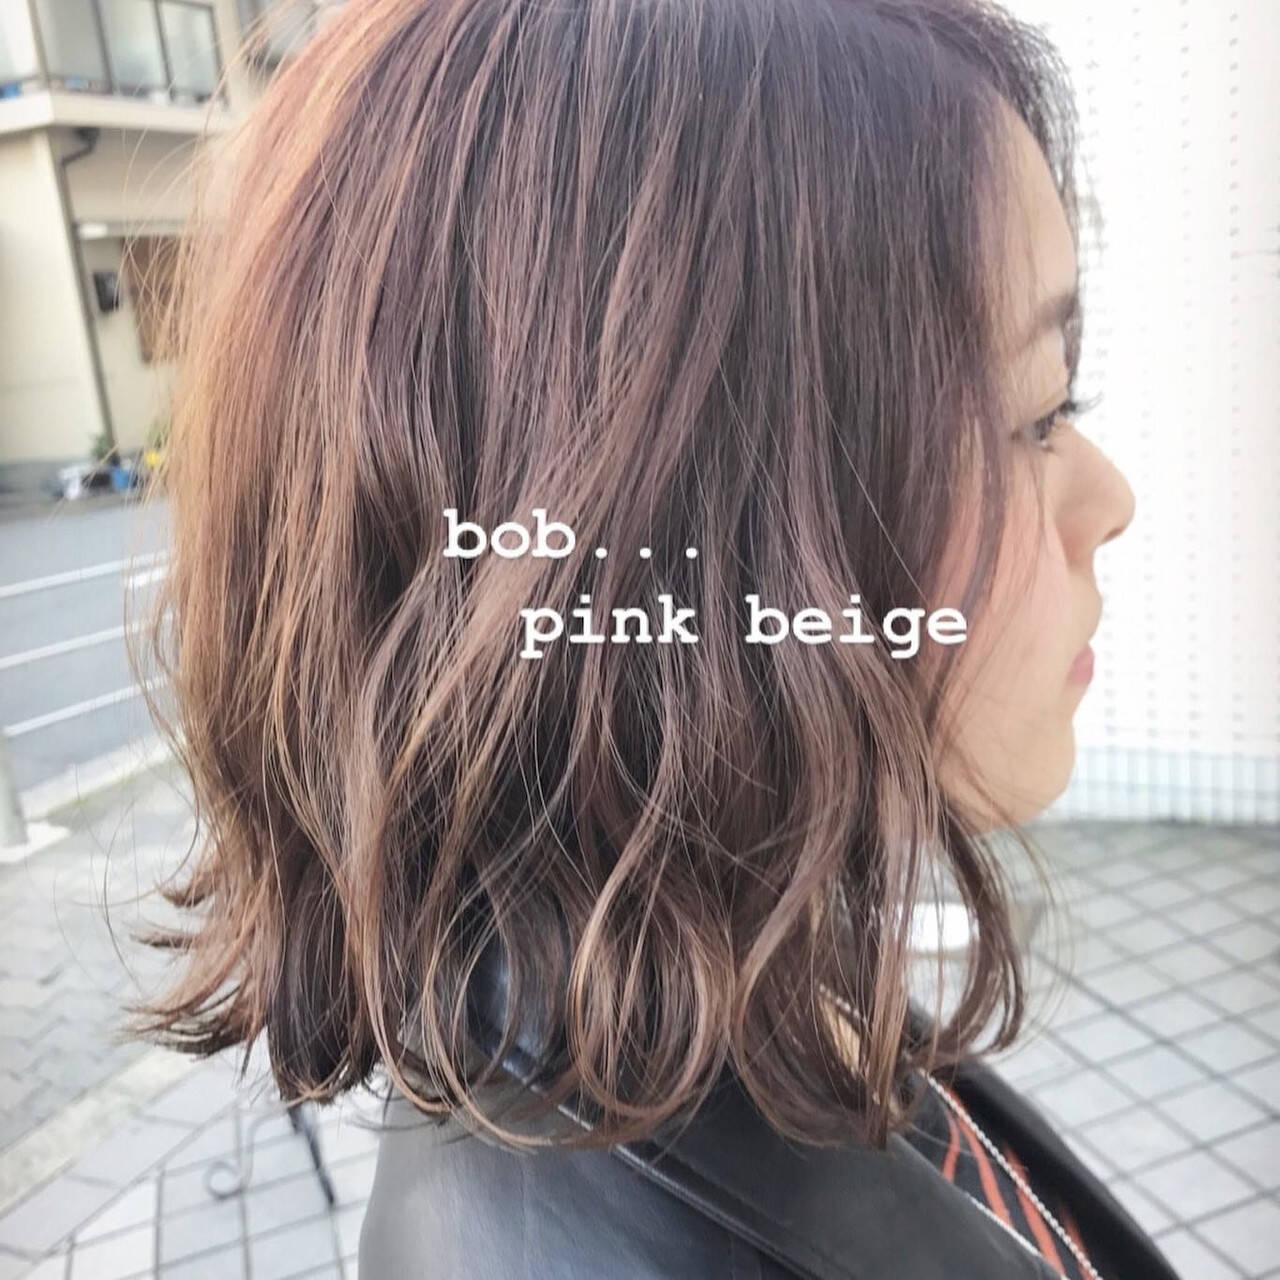 モテボブ 切りっぱなしボブ ボブ ピンクヘアスタイルや髪型の写真・画像